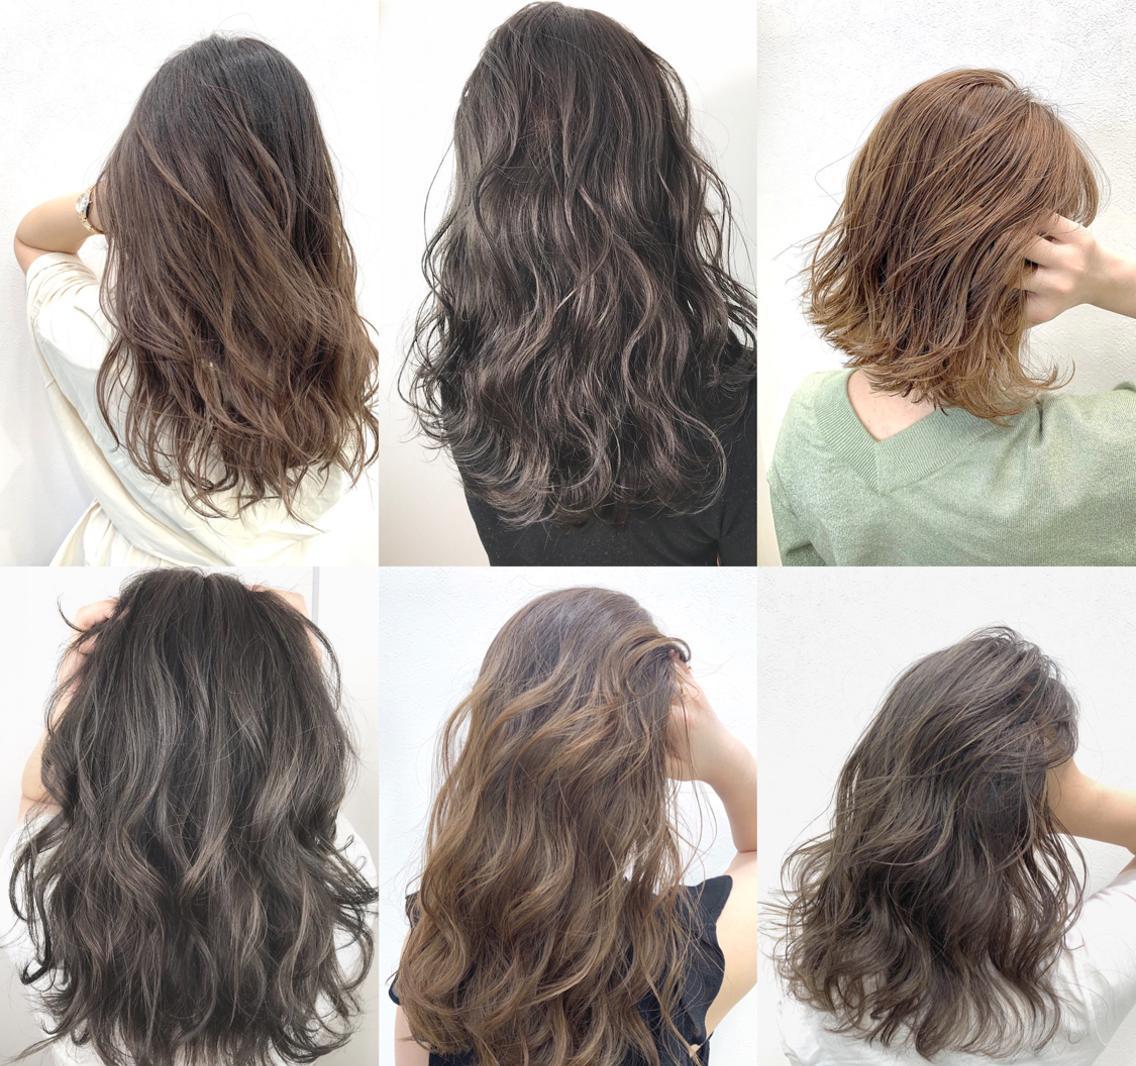 【当日予約ok❤️❤️】 夏はベージュがオススメ🌟🌟  艶髪&美髪にするには秘訣があります✨✨ イルミナカラー・アディクシーカラー有り❗️シャンプー&トリートメントサッシェプレゼント🎁🎁